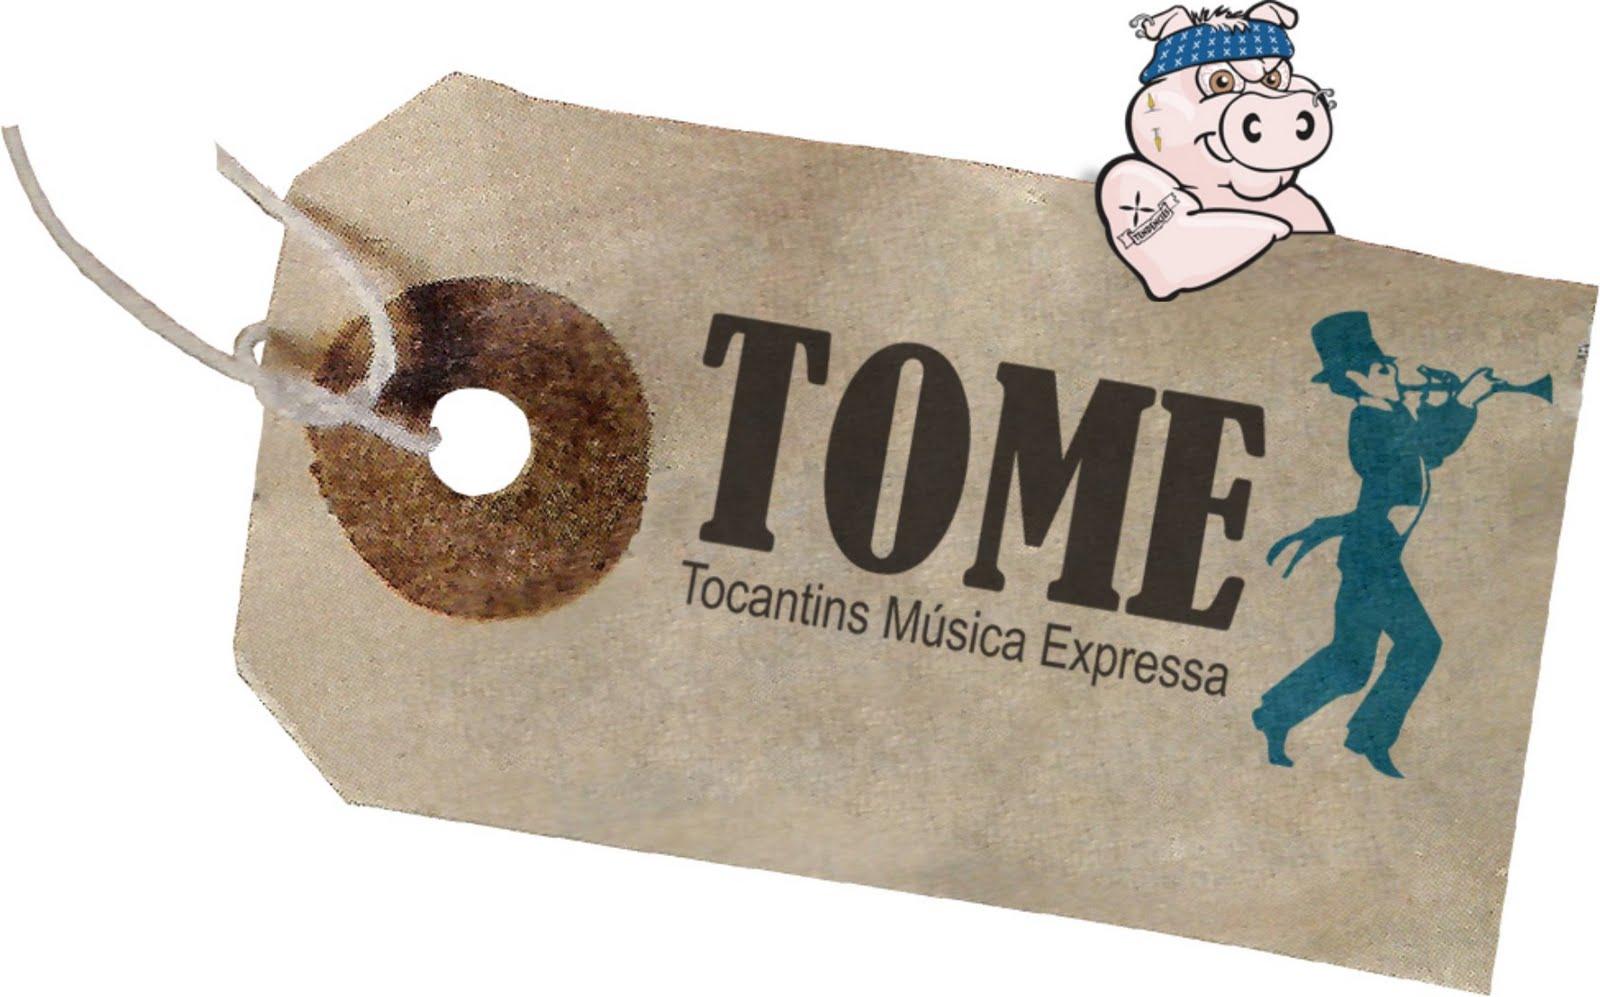 TOME – Tocantins Música Expressa 2011